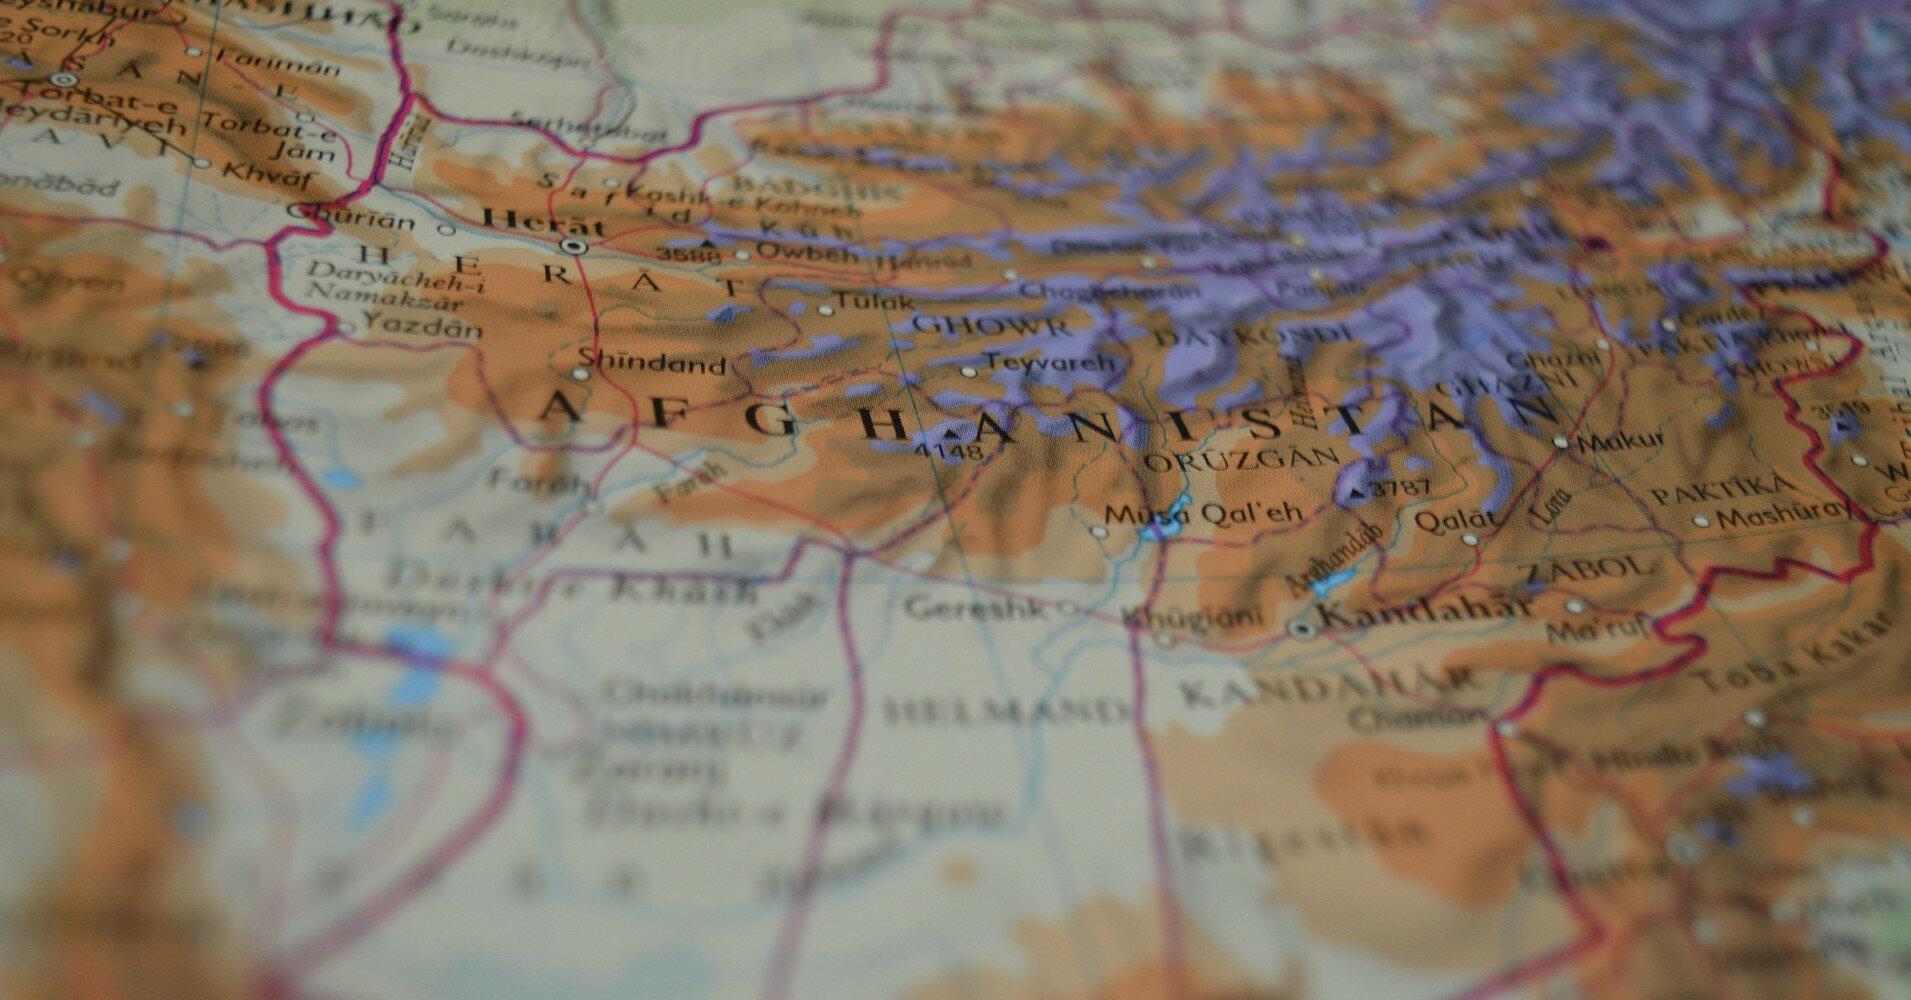 Фонд Назарянина уже эвакуировал 1200 христиан из Афганистана и продолжает работу